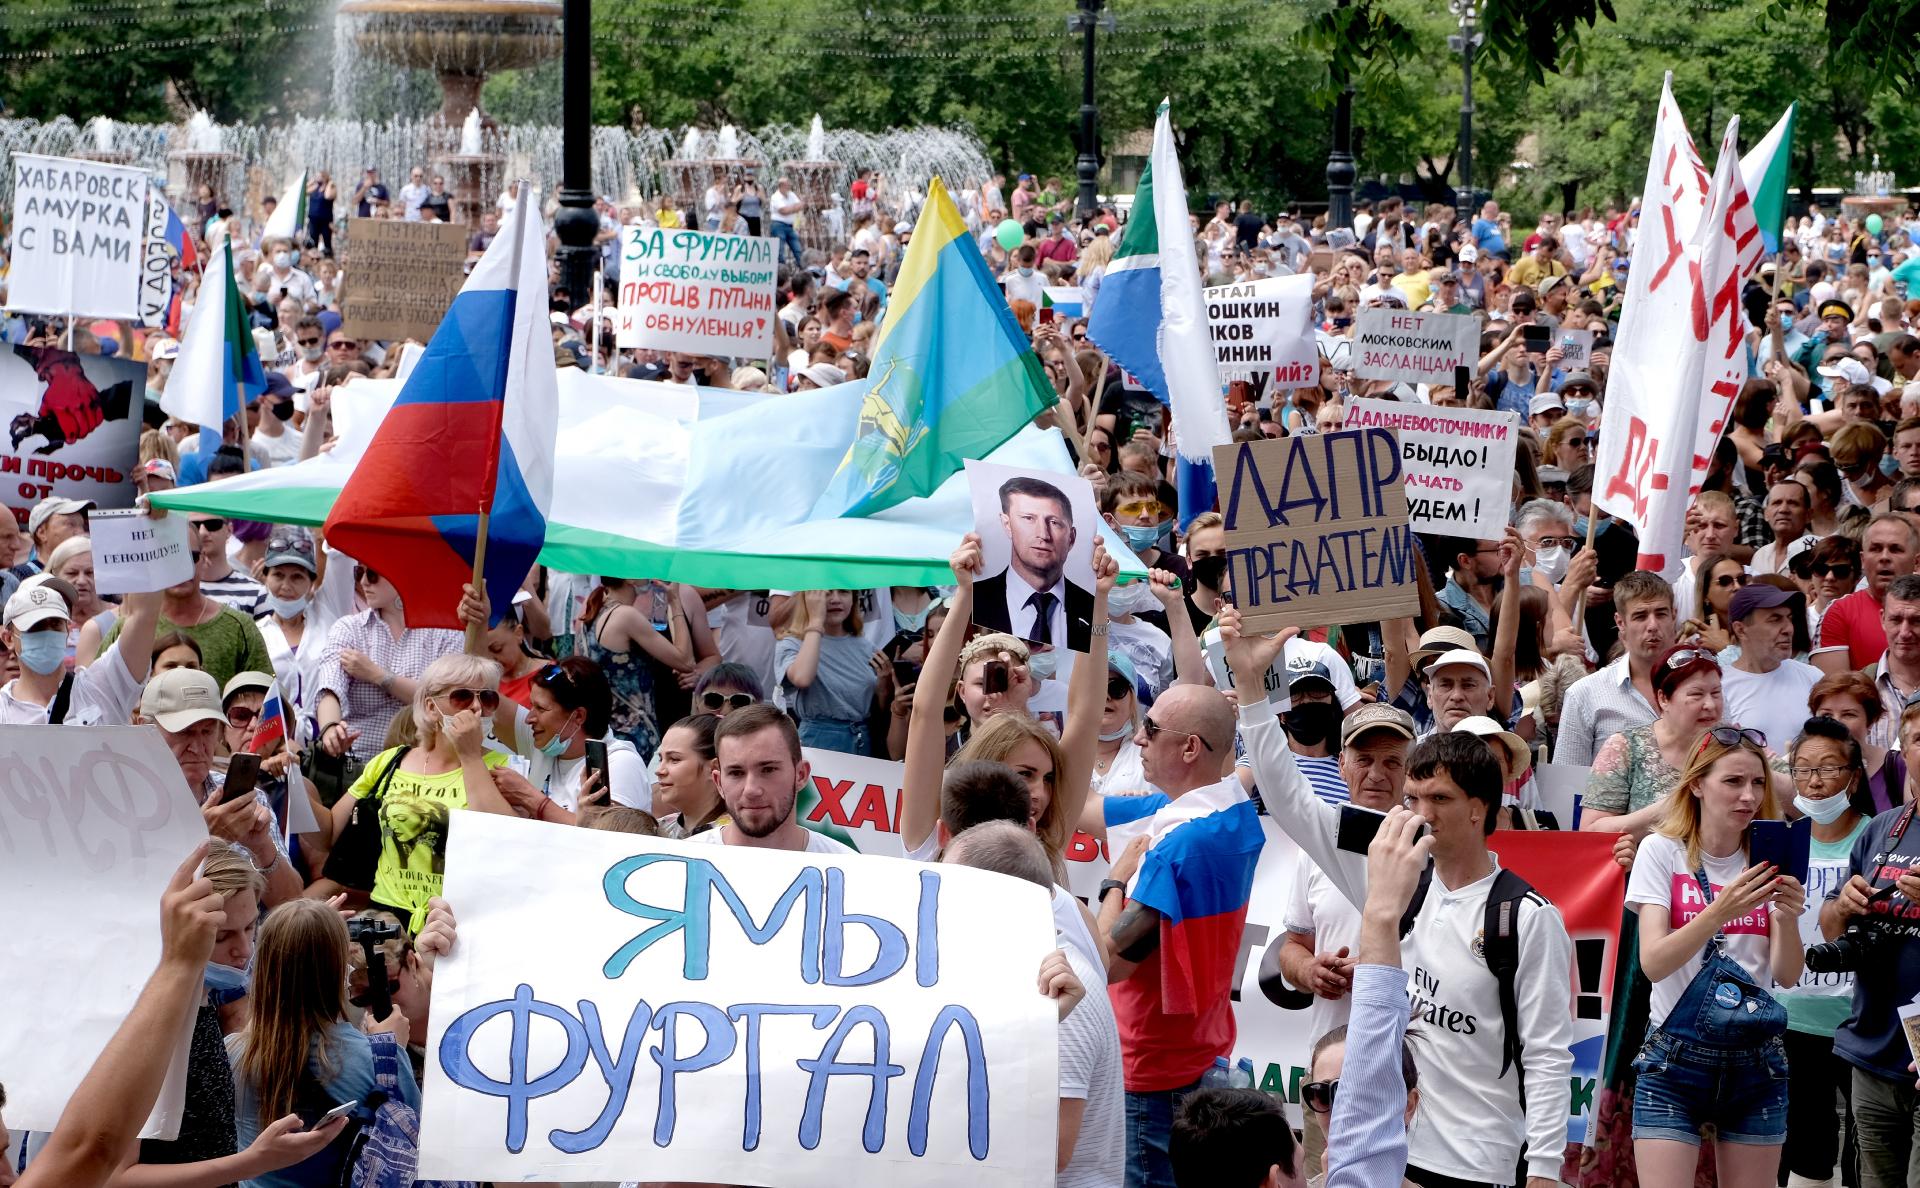 В Хабаровске четвертую субботу подряд вышли на митинг в поддержку Фургала